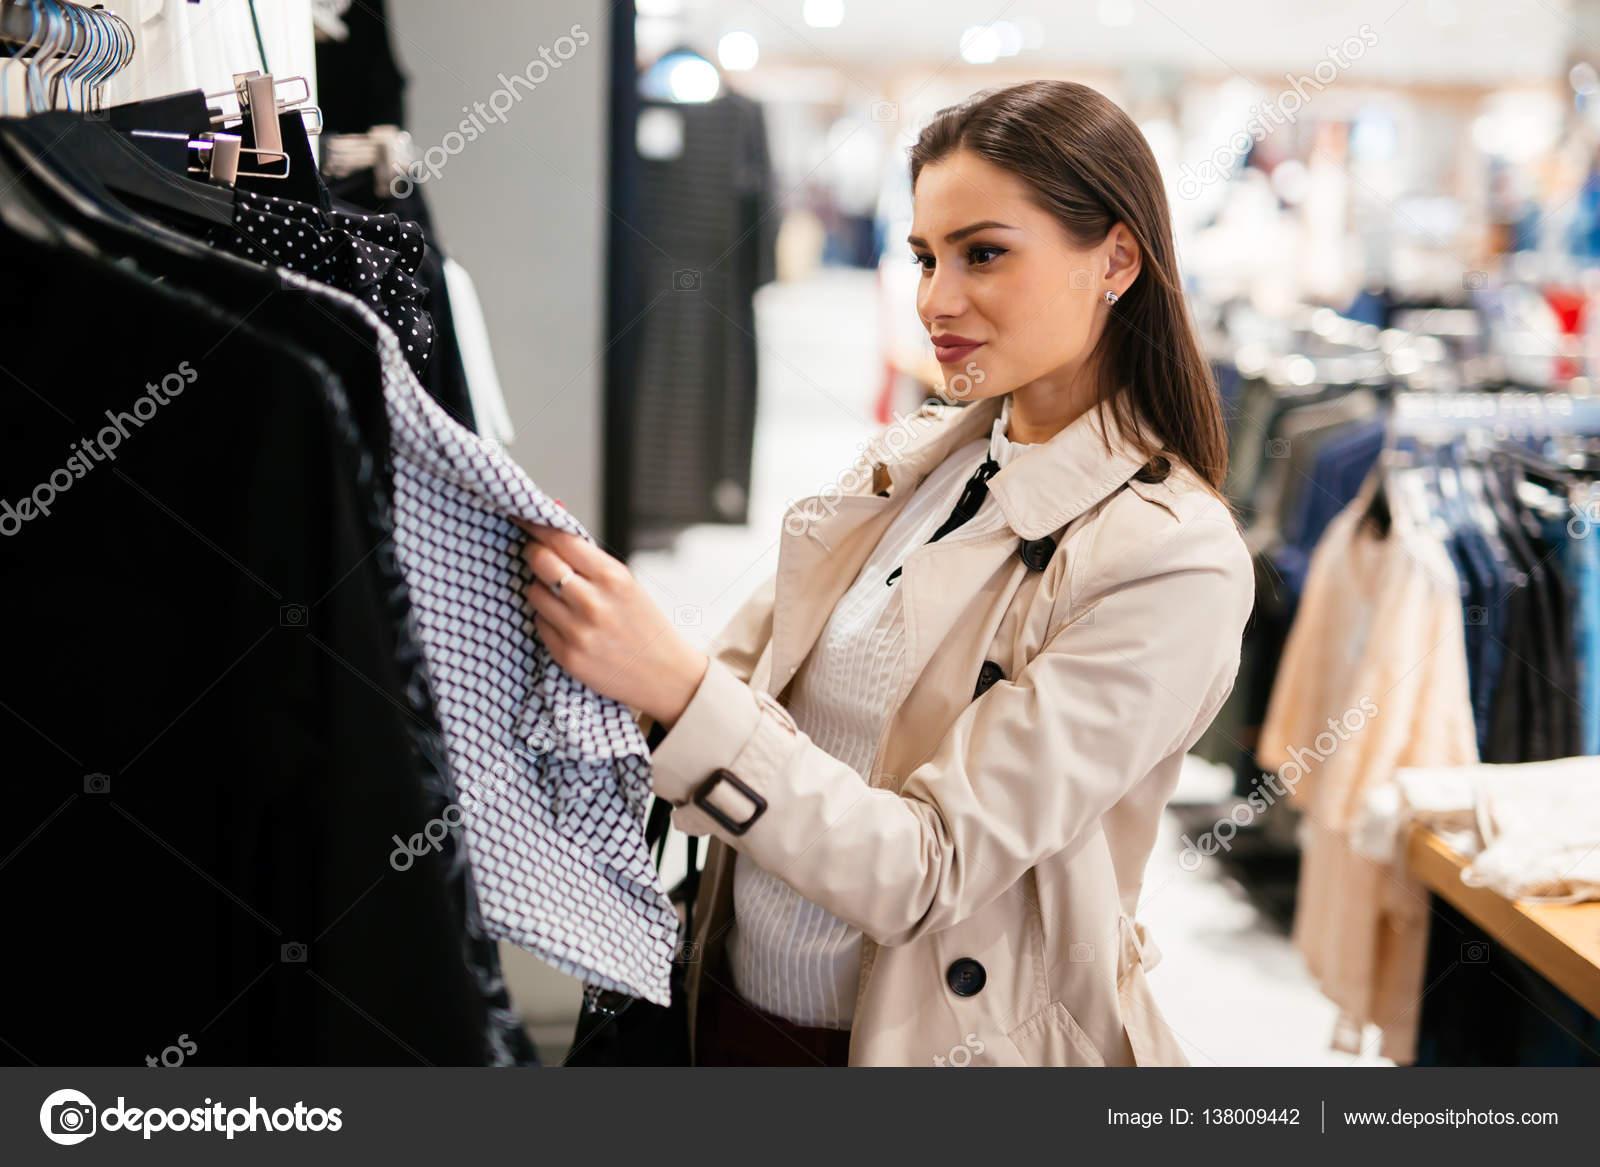 8e7820cf336a Hermosa mujer compra ropa — Foto de stock © nd3000 #138009442